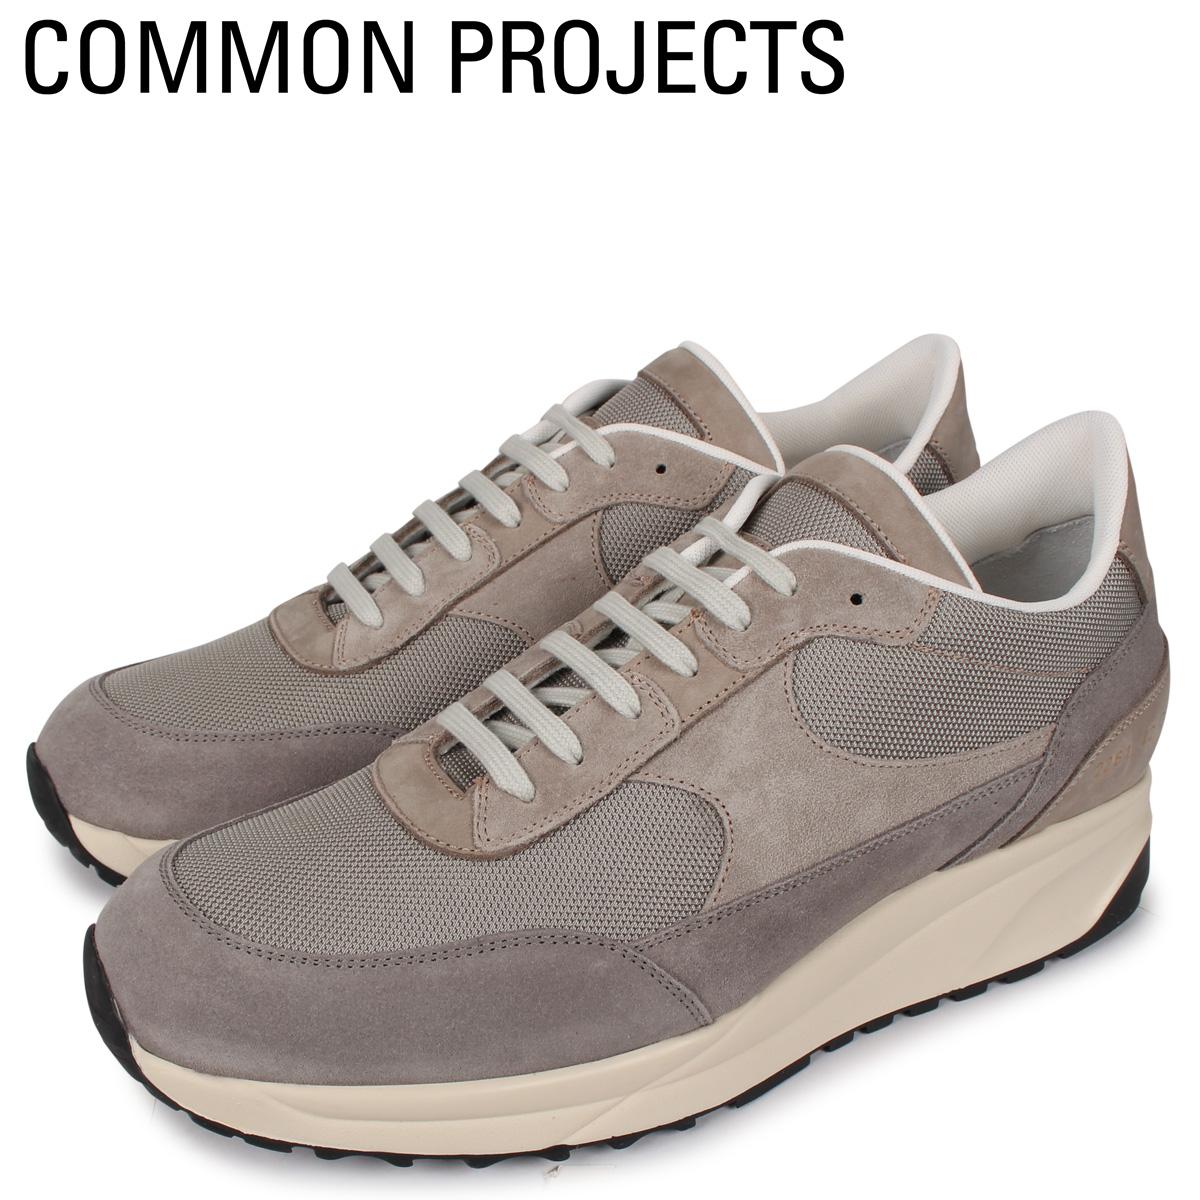 Common Projects コモンプロジェクト トラック クラシック スニーカー メンズ TRACK CLASSIC MULTI MATERIAL グレー 2261-3874W [4/2新入荷]